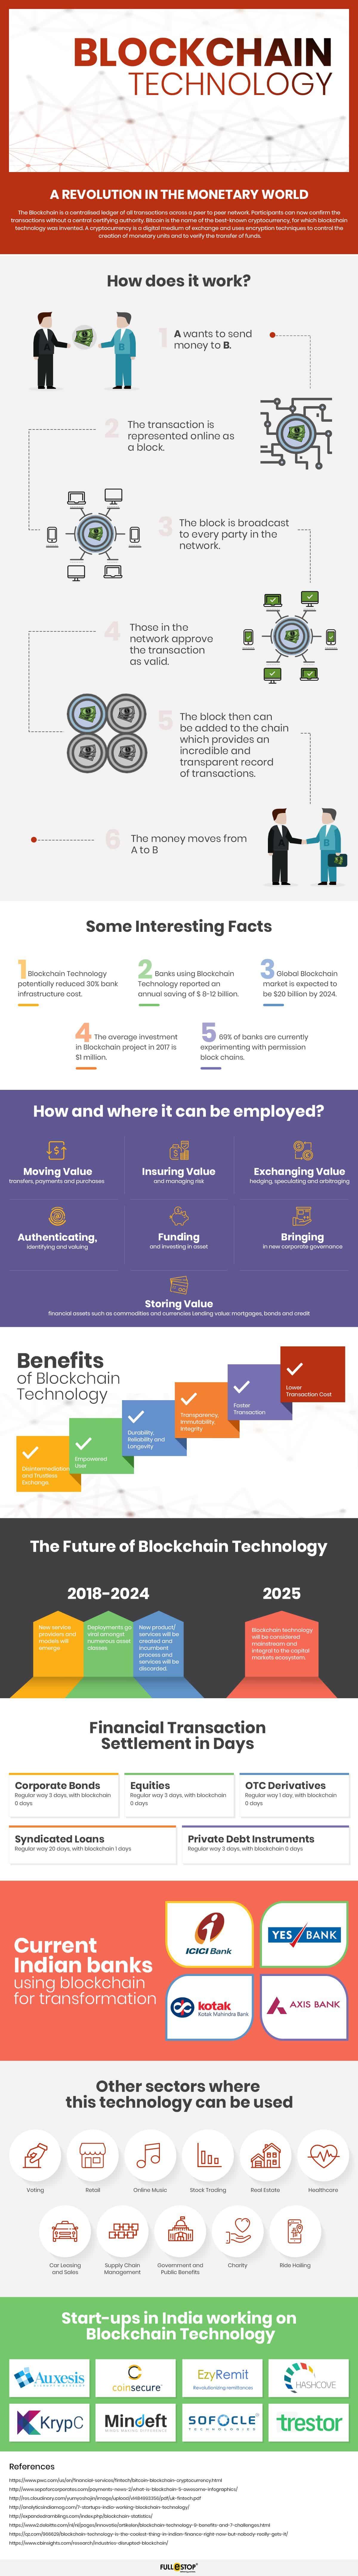 Революция в валютном мире - как работает технология Blockchain?